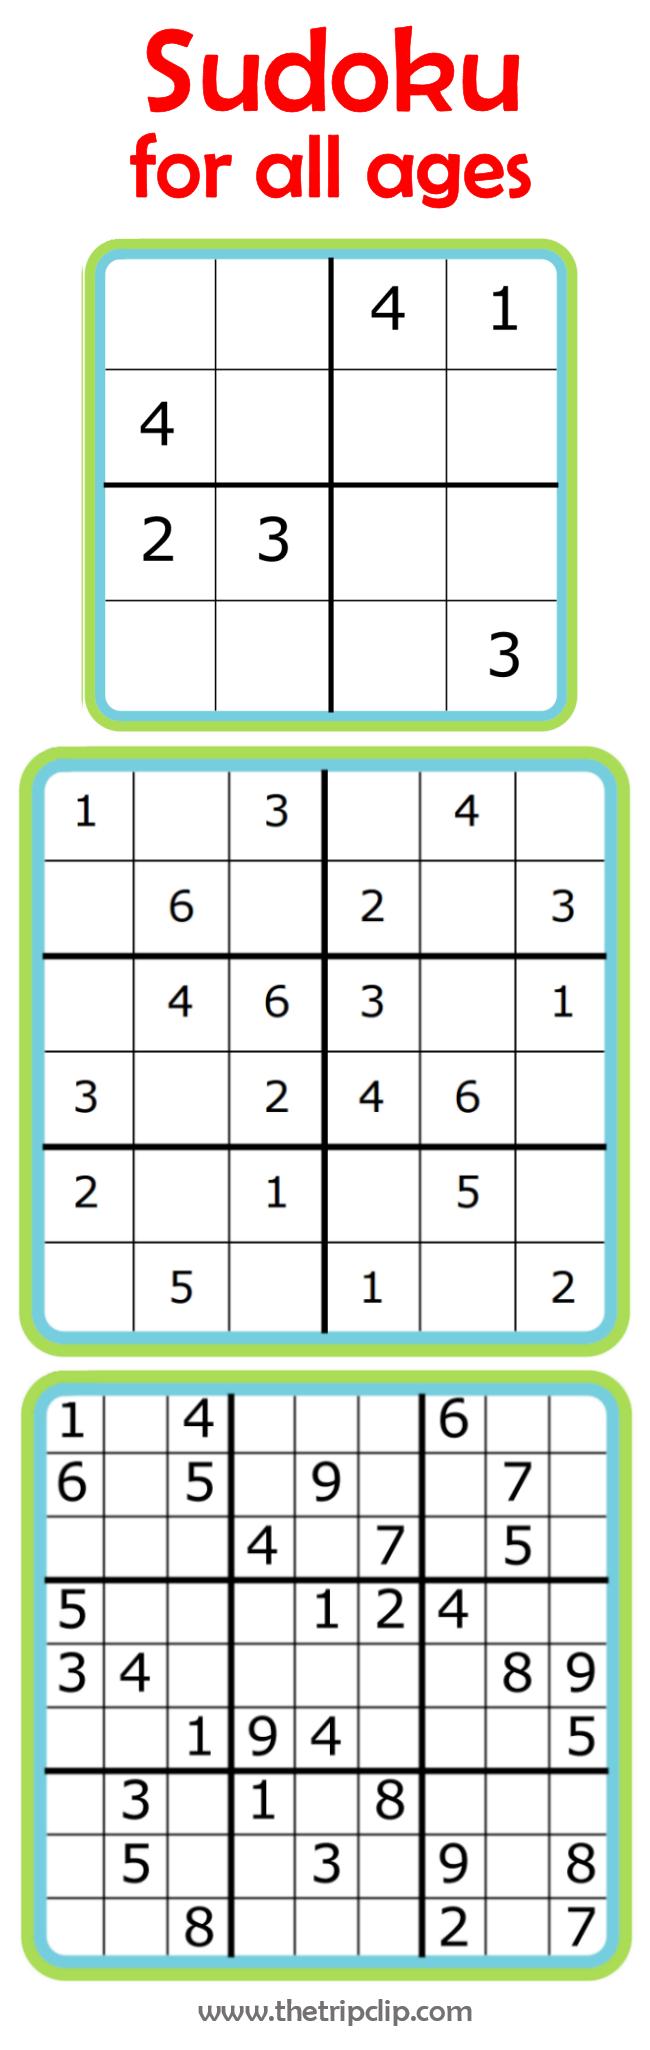 70 En Iyi Sudoku Görüntüsü | Matematik, Okul Öncesi Ve Eğitim tout Sudoku Grande Section